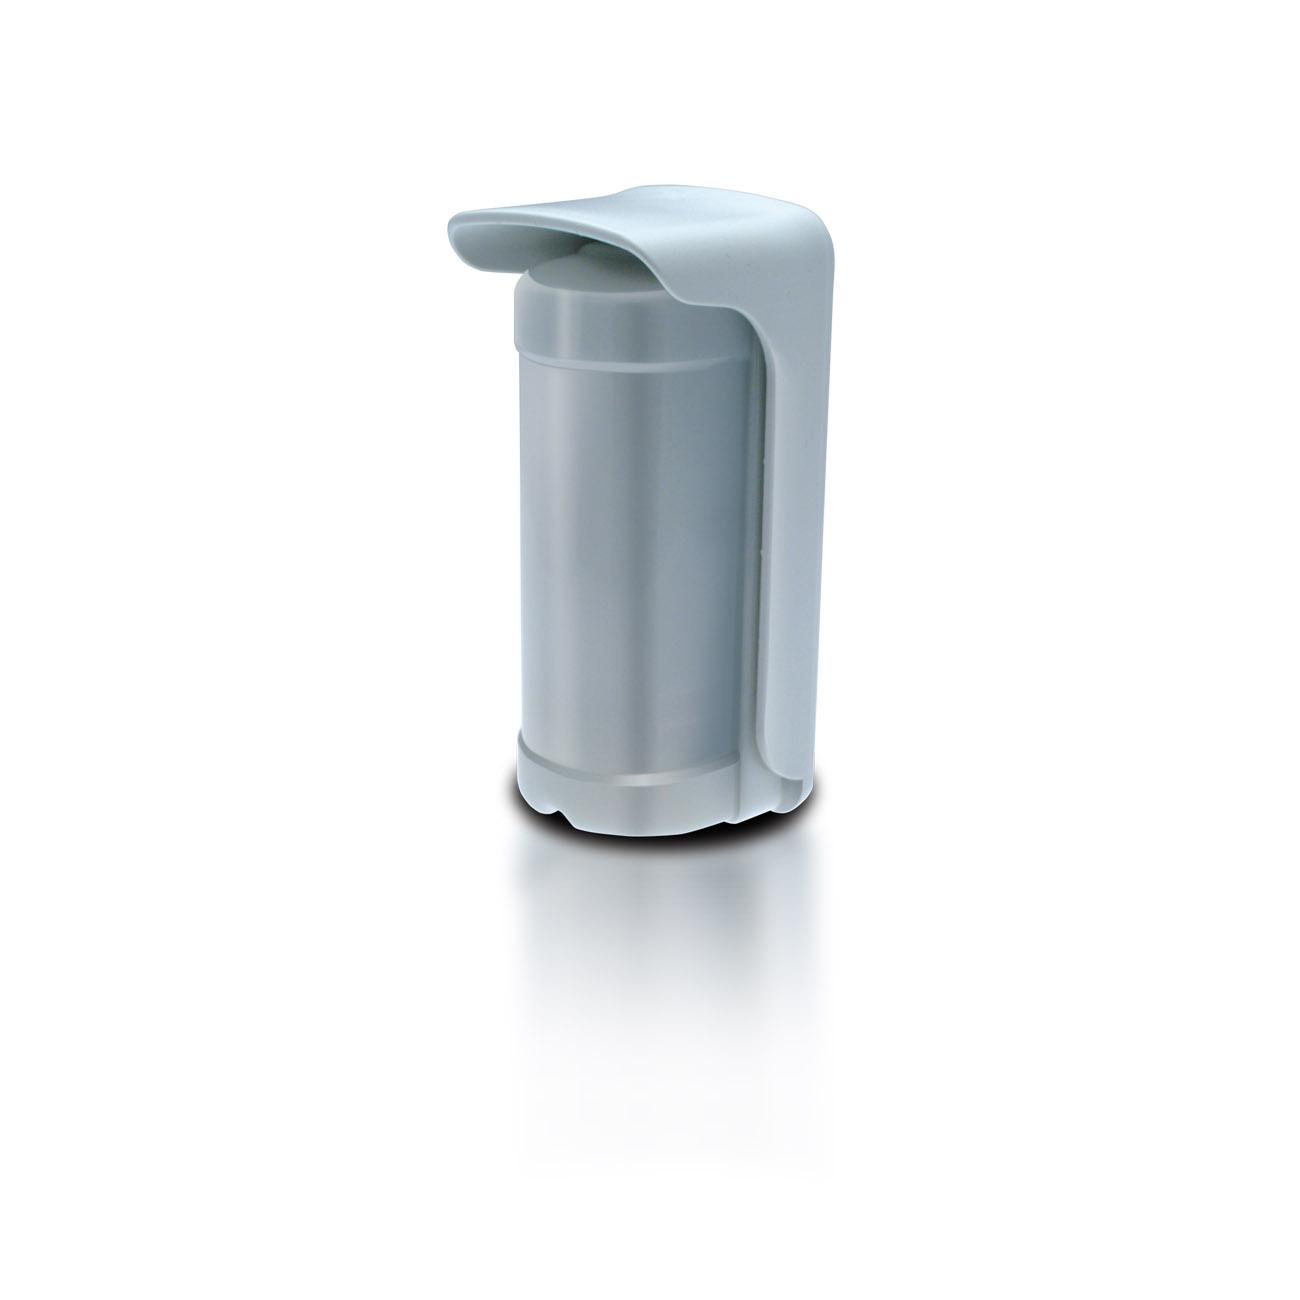 DUEVI vezeték nélküli kültéri passzív infra mozgásérzékelő két érzékelőfejjel